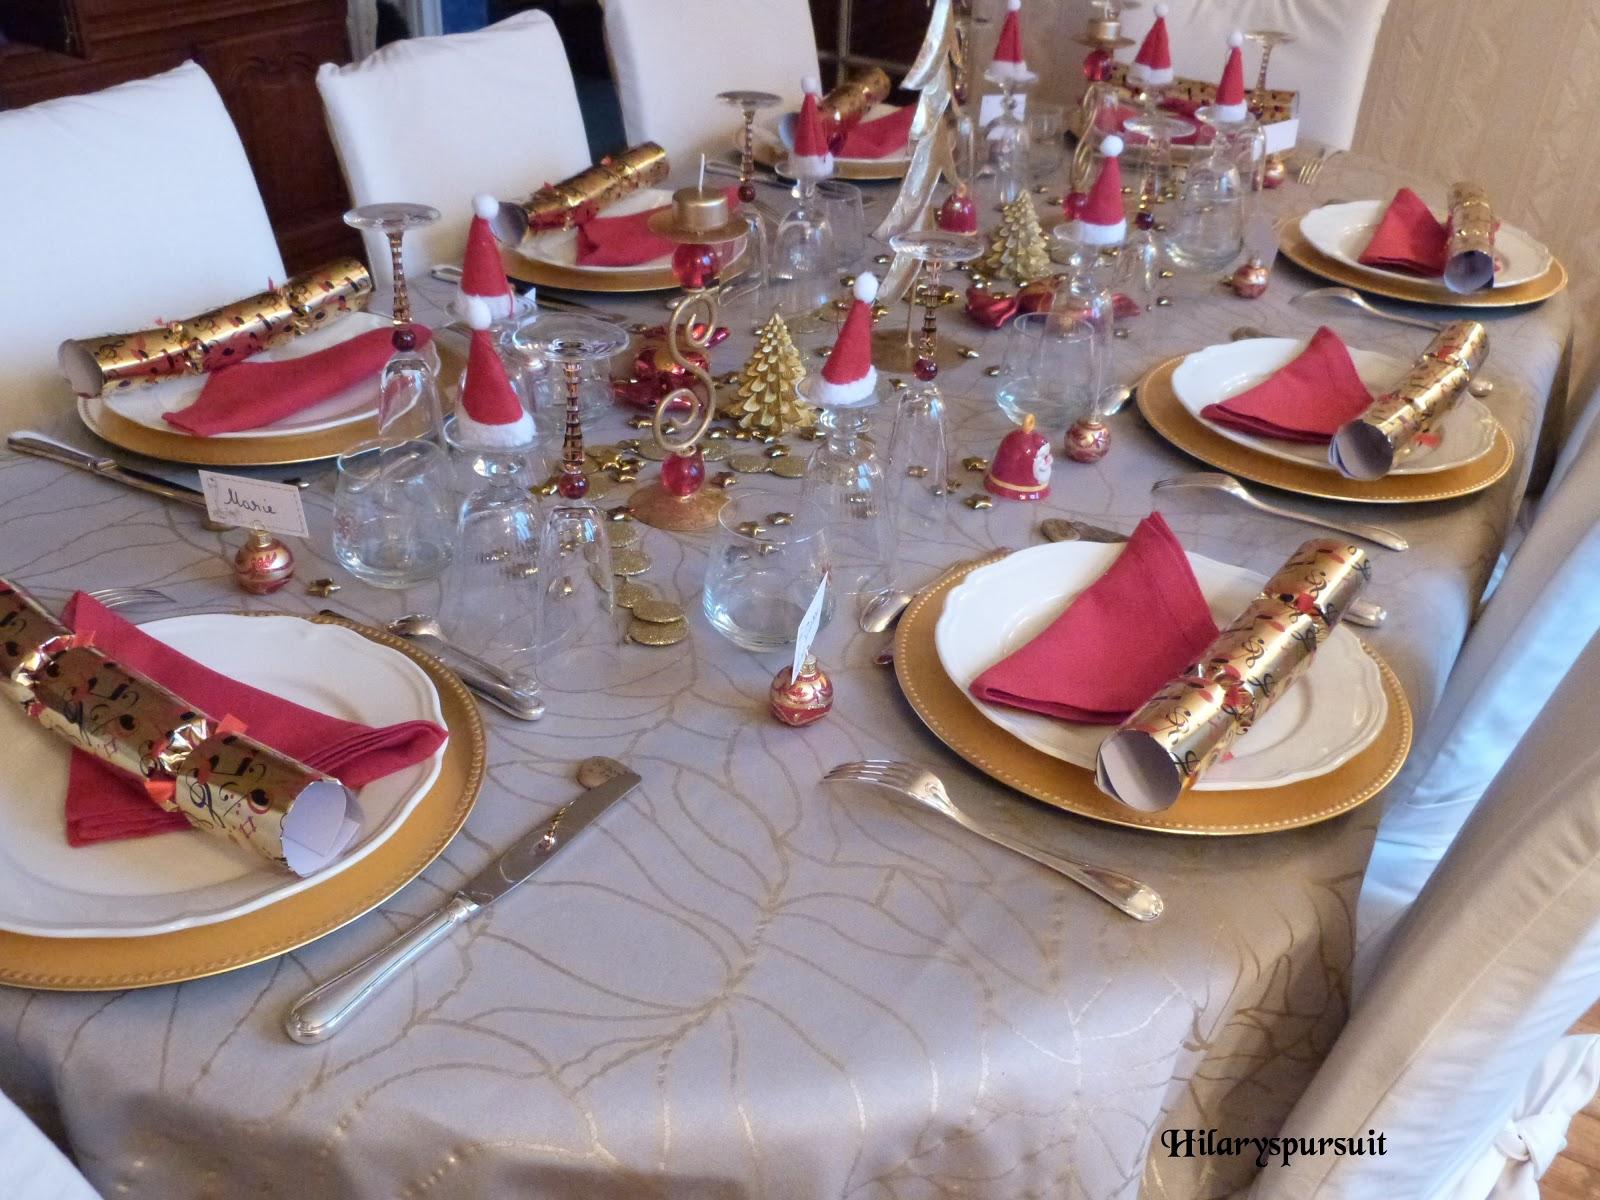 dans la cuisine d 39 hilary sp cial f tes table de no l d 39 or ou table de no l d 39 argent xmas. Black Bedroom Furniture Sets. Home Design Ideas